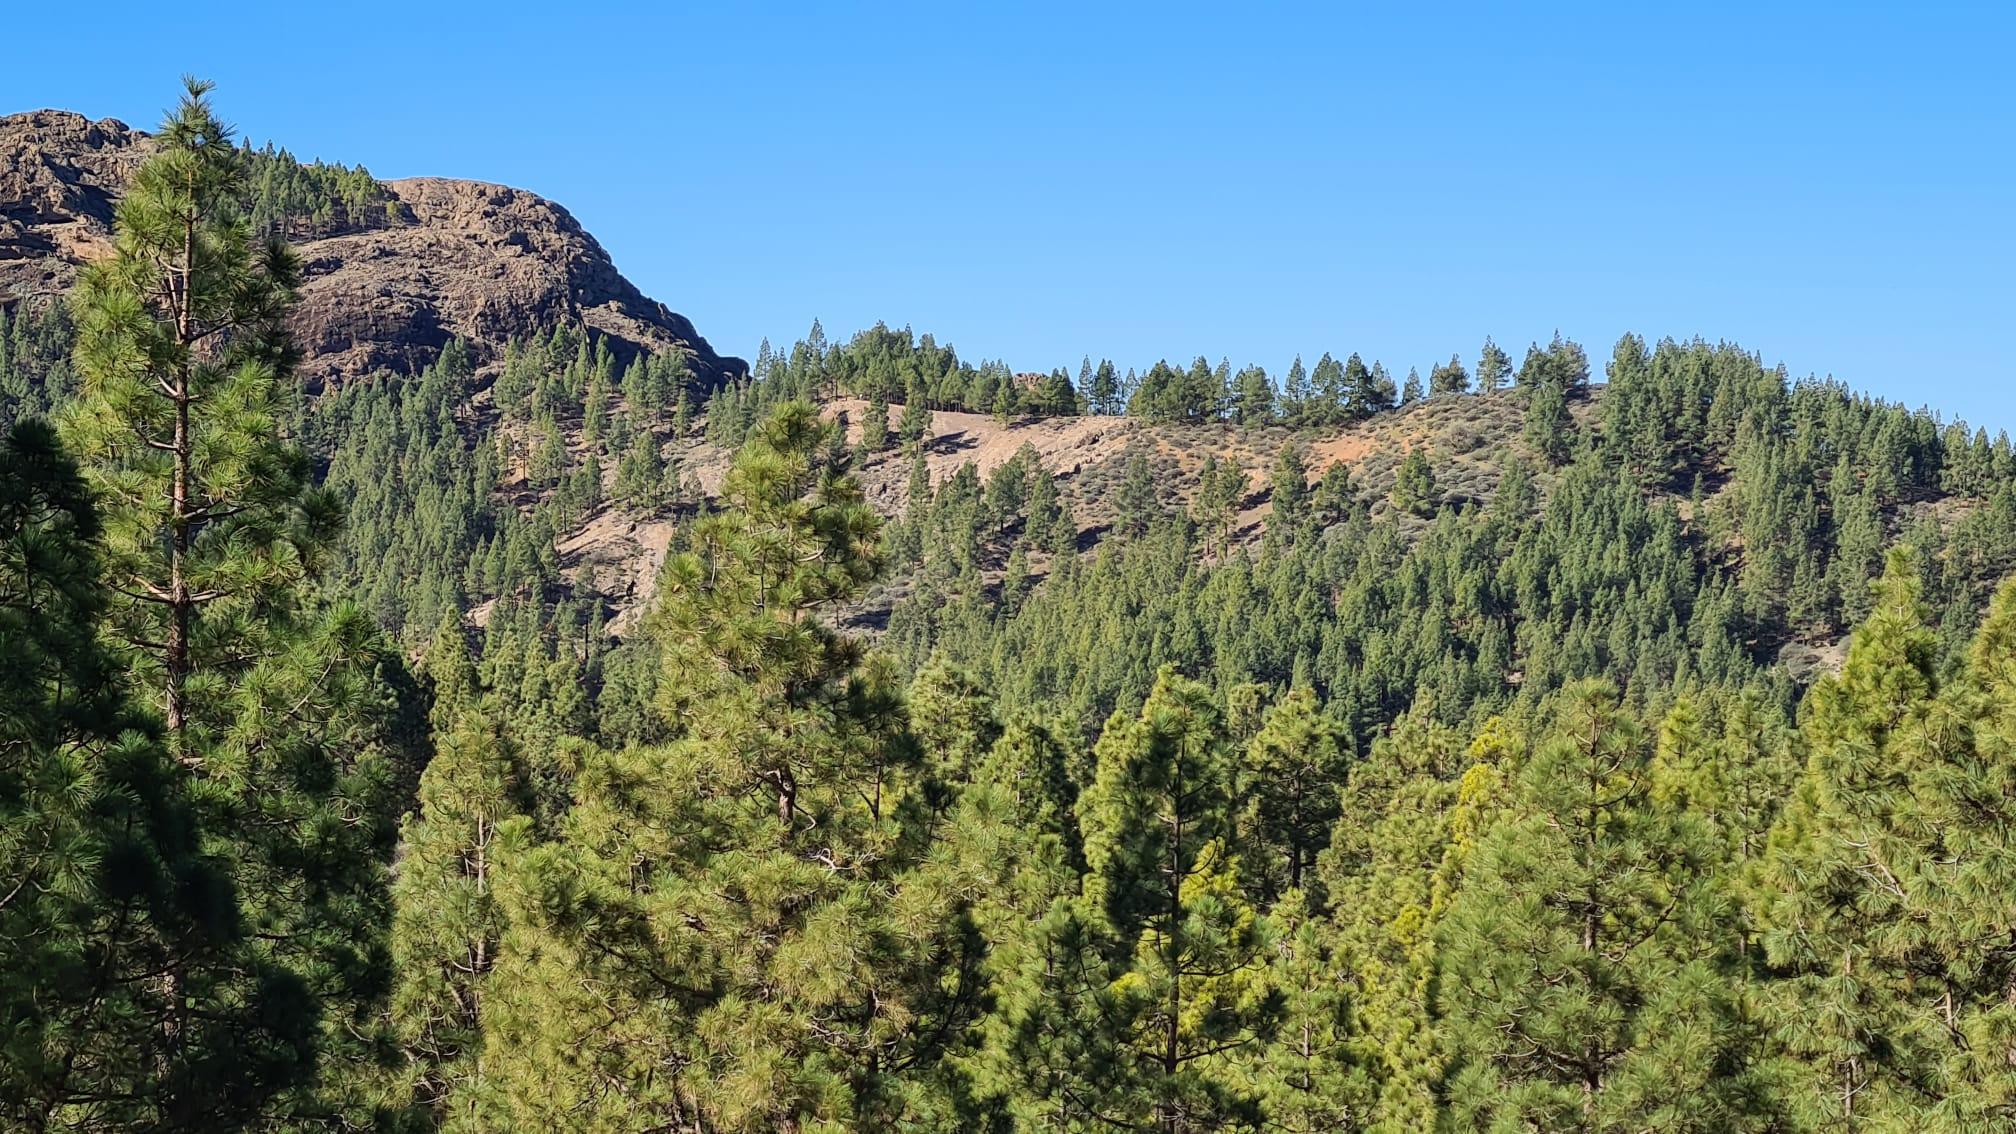 Foresta y Arkopharma apuestan por la supervivencia de los bosques